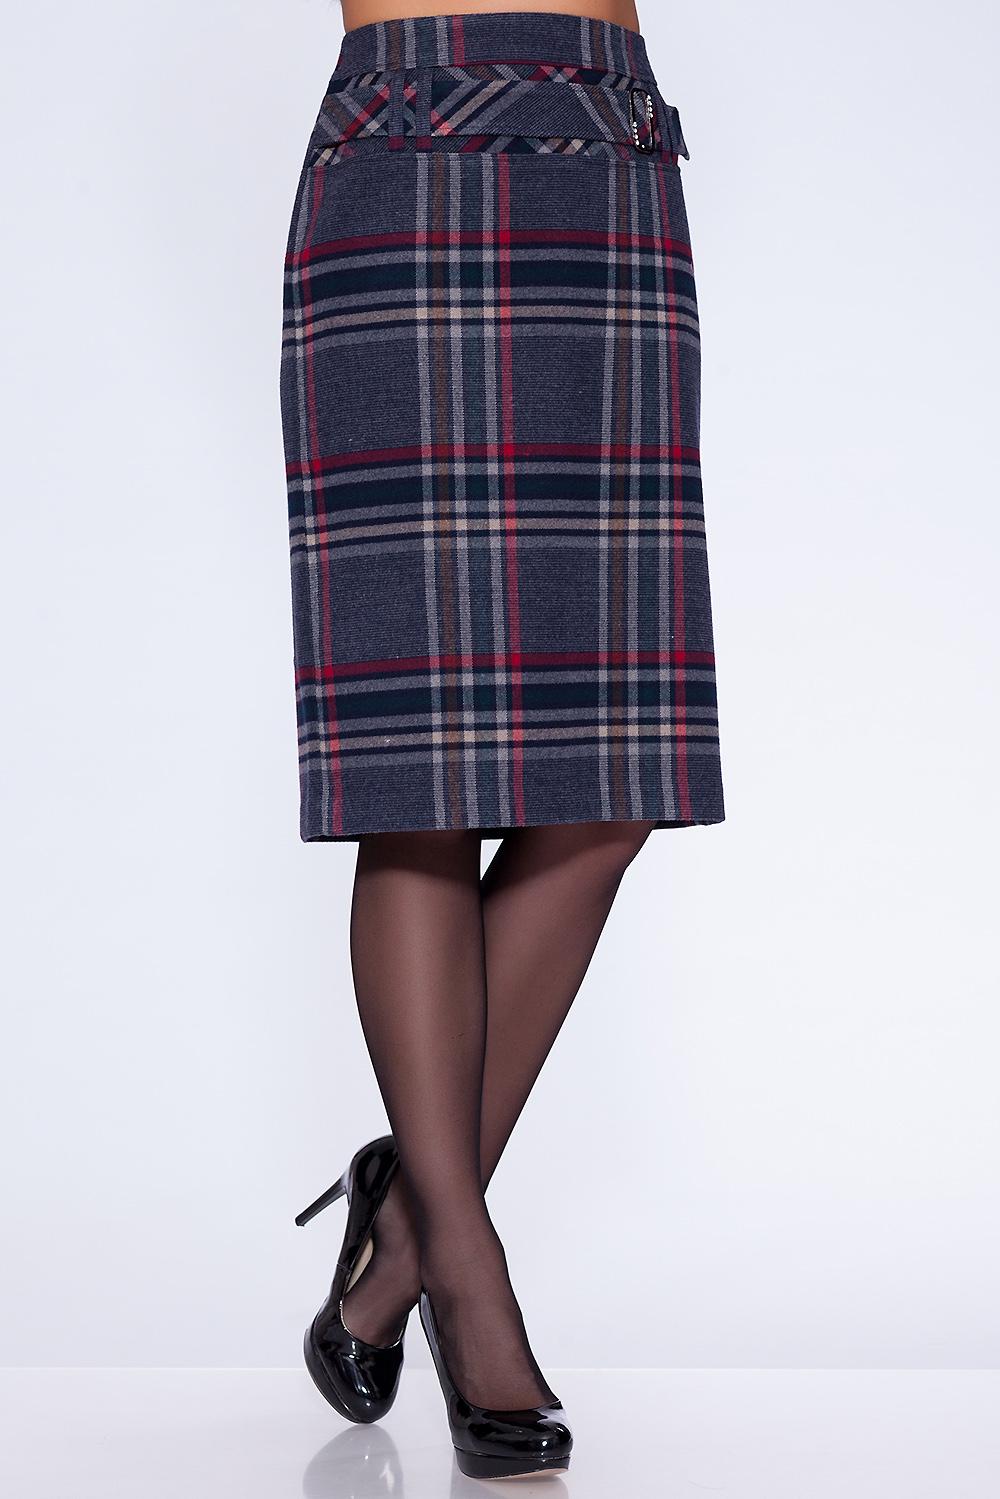 ЮбкаЮбки<br>Юбка прямого силуэта, на подкладке с обтачным поясом. Застежка расположена сзади по среднему шву на потайную тесьму молнию. Модель украшена сложной кокеткой, состоящей из двух частей, на которой расположены шлёвки, с закрепленным в них декоративным поясом на металлической пряжке. Красивое сочетание клеток, расположенных по прямой и по кассой, делают юбку интересной как для молодежи так и для женщин среднего возраста.  Длина изделия около 65 см.  В изделии использованы цвета: темно-синий, красный,  коричневый и др.  Ростовка изделия 170 см.  Параметры размеров: 40 размер - обхват груди 84 см., обхват талии 62 см., обхват бедер 88 см. 42 размер - обхват груди 88 см., обхват талии 66 см., обхват бедер 92 см. 44 размер - обхват груди 92 см., обхват талии 70 см., обхват бедер 96 см. 46 размер - обхват груди 96 см., обхват талии 74 см., обхват бедер 100 см. 48 размер - обхват груди 100 см., обхват талии 78 см., обхват бедер 104 см. 50 размер - обхват груди 104 см., обхват талии 82 см., обхват бедер 108 см. 52 размер - обхват груди 108 см., обхват талии 86 см., обхват бедер 112 см. 54 размер - обхват груди 112 см., обхват талии 90 см., обхват бедер 116 см. 56 размер - обхват груди 116 см., обхват талии 94 см., обхват бедер 120 см. 58 размер - обхват груди 120 см., обхват талии 100 см., обхват бедер 126 см. 60 размер - обхват груди 124 см., обхват талии 105 см., обхват бедер 131 см. 62 размер - обхват груди 128 см., обхват талии 110 см., обхват бедер 136 см. 64 размер - обхват груди 132 см., обхват талии 115 см., обхват бедер 141 см. 66 размер - обхват груди 136 см., обхват талии 120 см., обхват бедер 146 см.<br><br>По длине: Ниже колена<br>По материалу: Костюмные ткани,Тканевые<br>По рисунку: В клетку,С принтом,Цветные<br>По сезону: Весна,Зима,Лето,Осень,Всесезон<br>По силуэту: Приталенные<br>По стилю: Классический стиль,Офисный стиль,Повседневный стиль<br>По форме: Юбка-карандаш<br>По элементам: С декором,С подкладом<br>Размер : 54,56<br>Материал: Костюмная тк